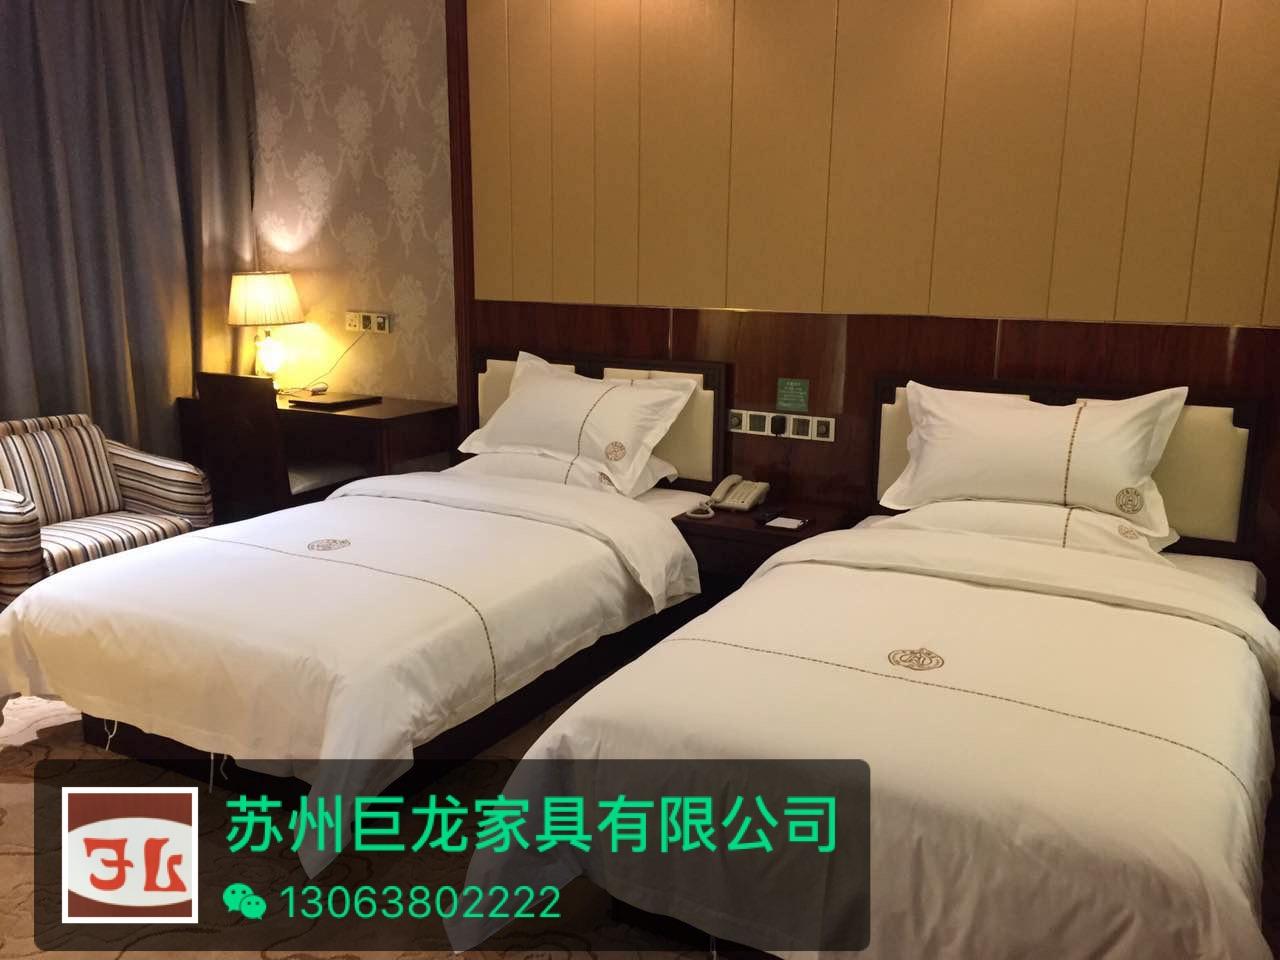 苏州巨龙家具,定制家具,宾馆家具,新中式家具,